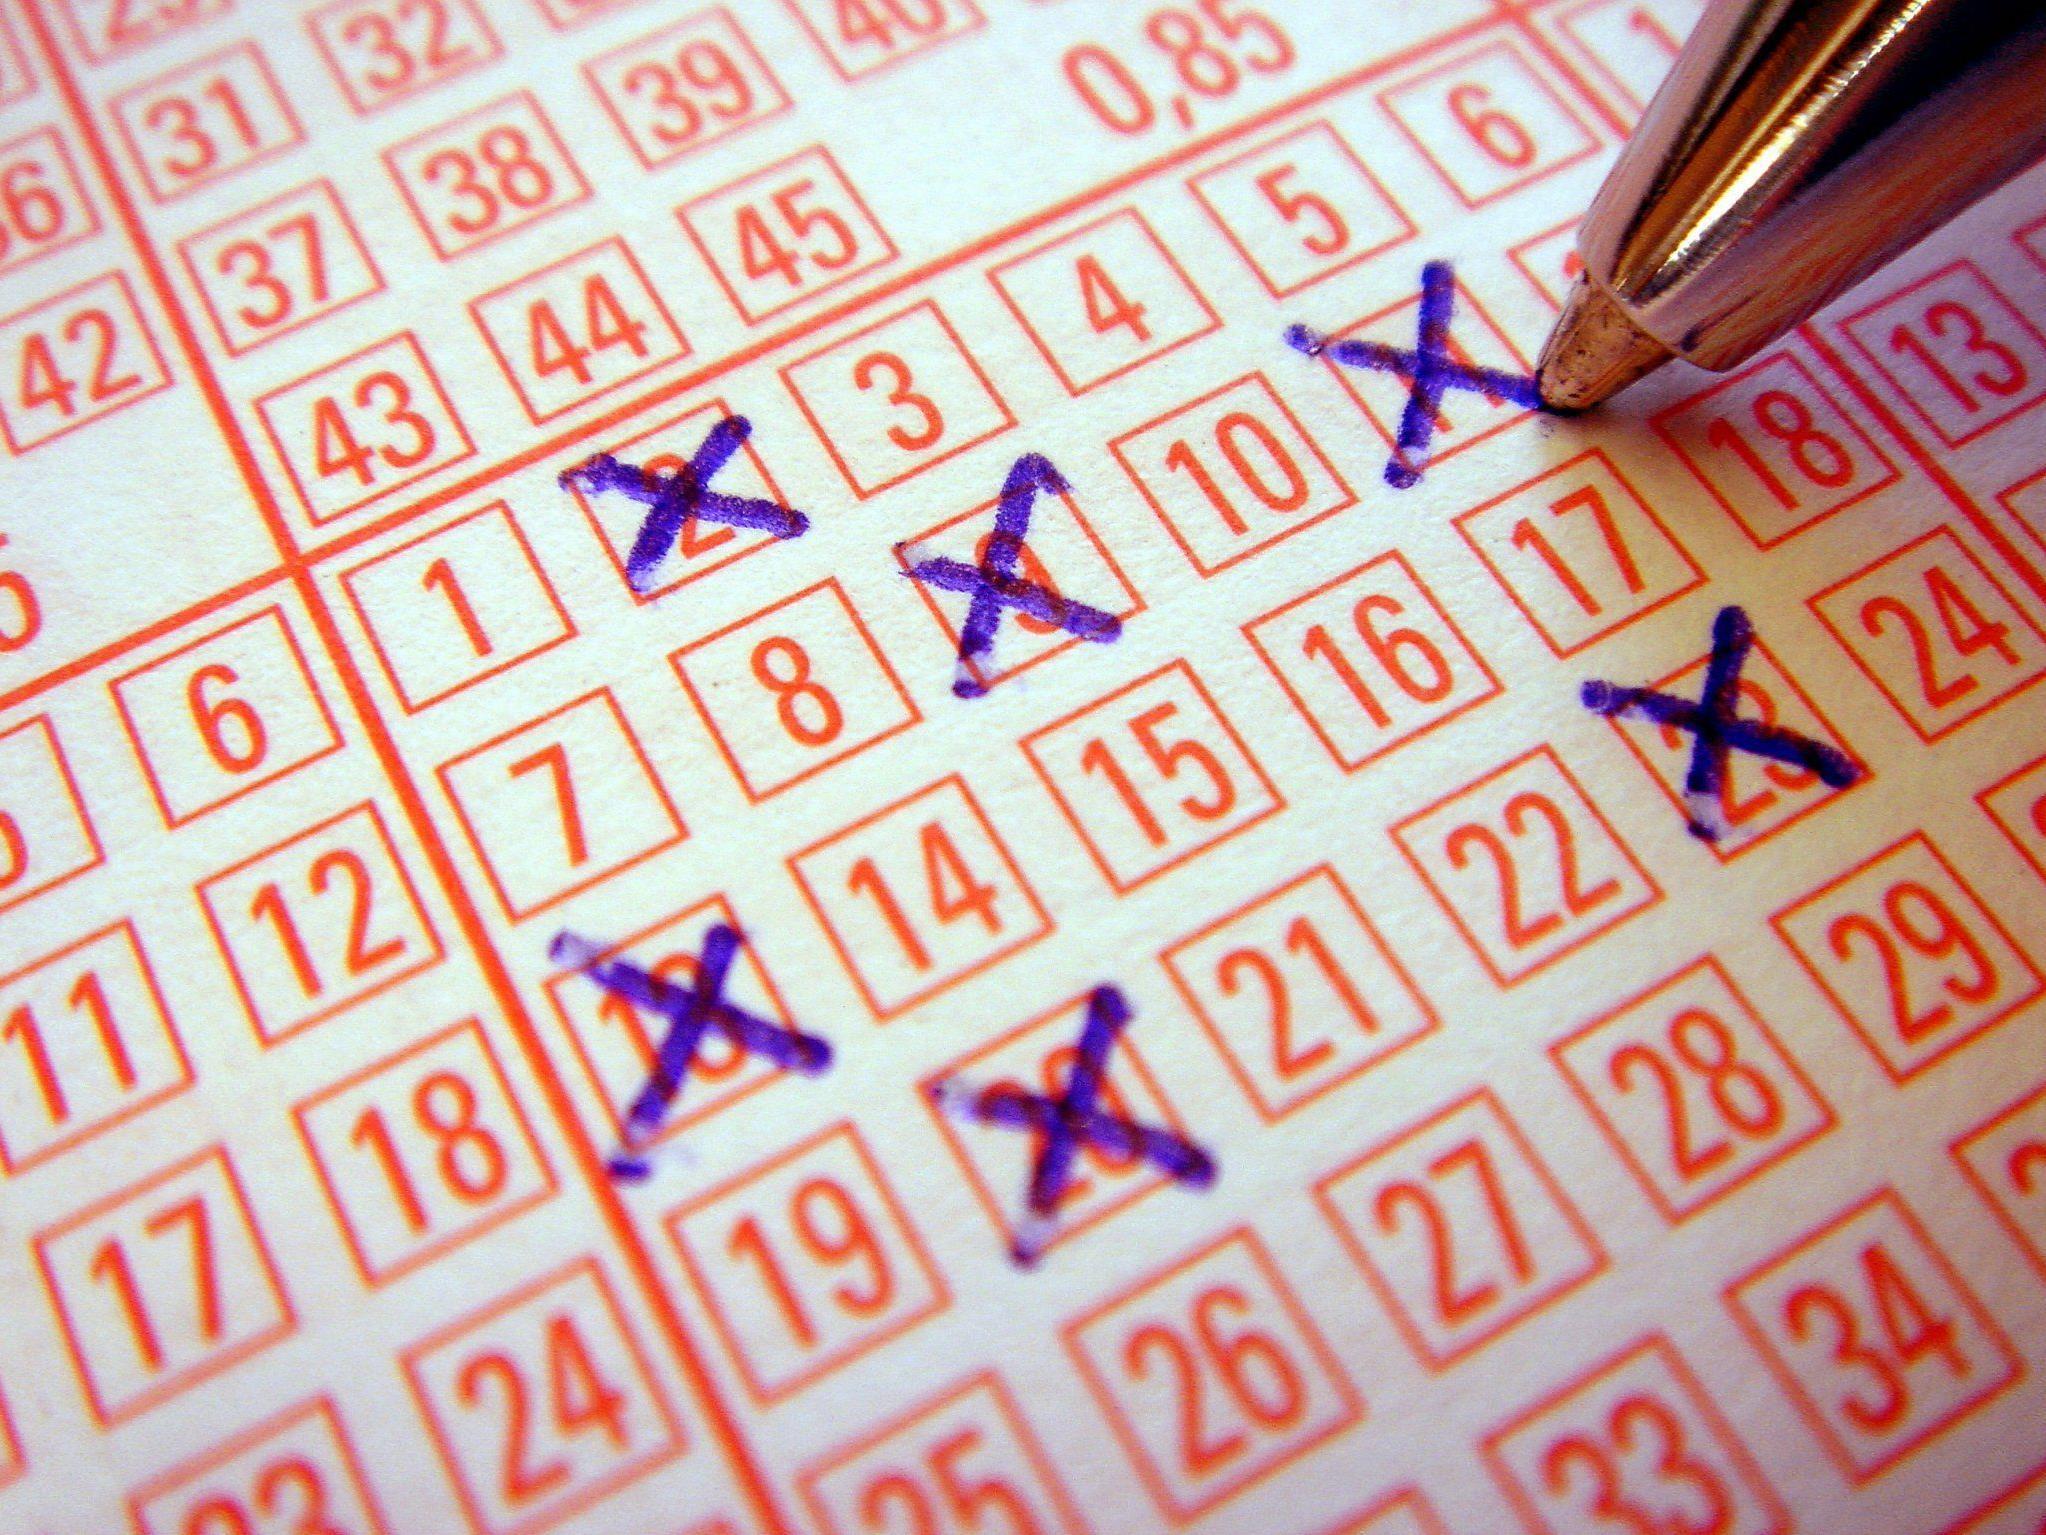 Sechs Richtige im Lotto, ein paar hundert Sorgen weniger!